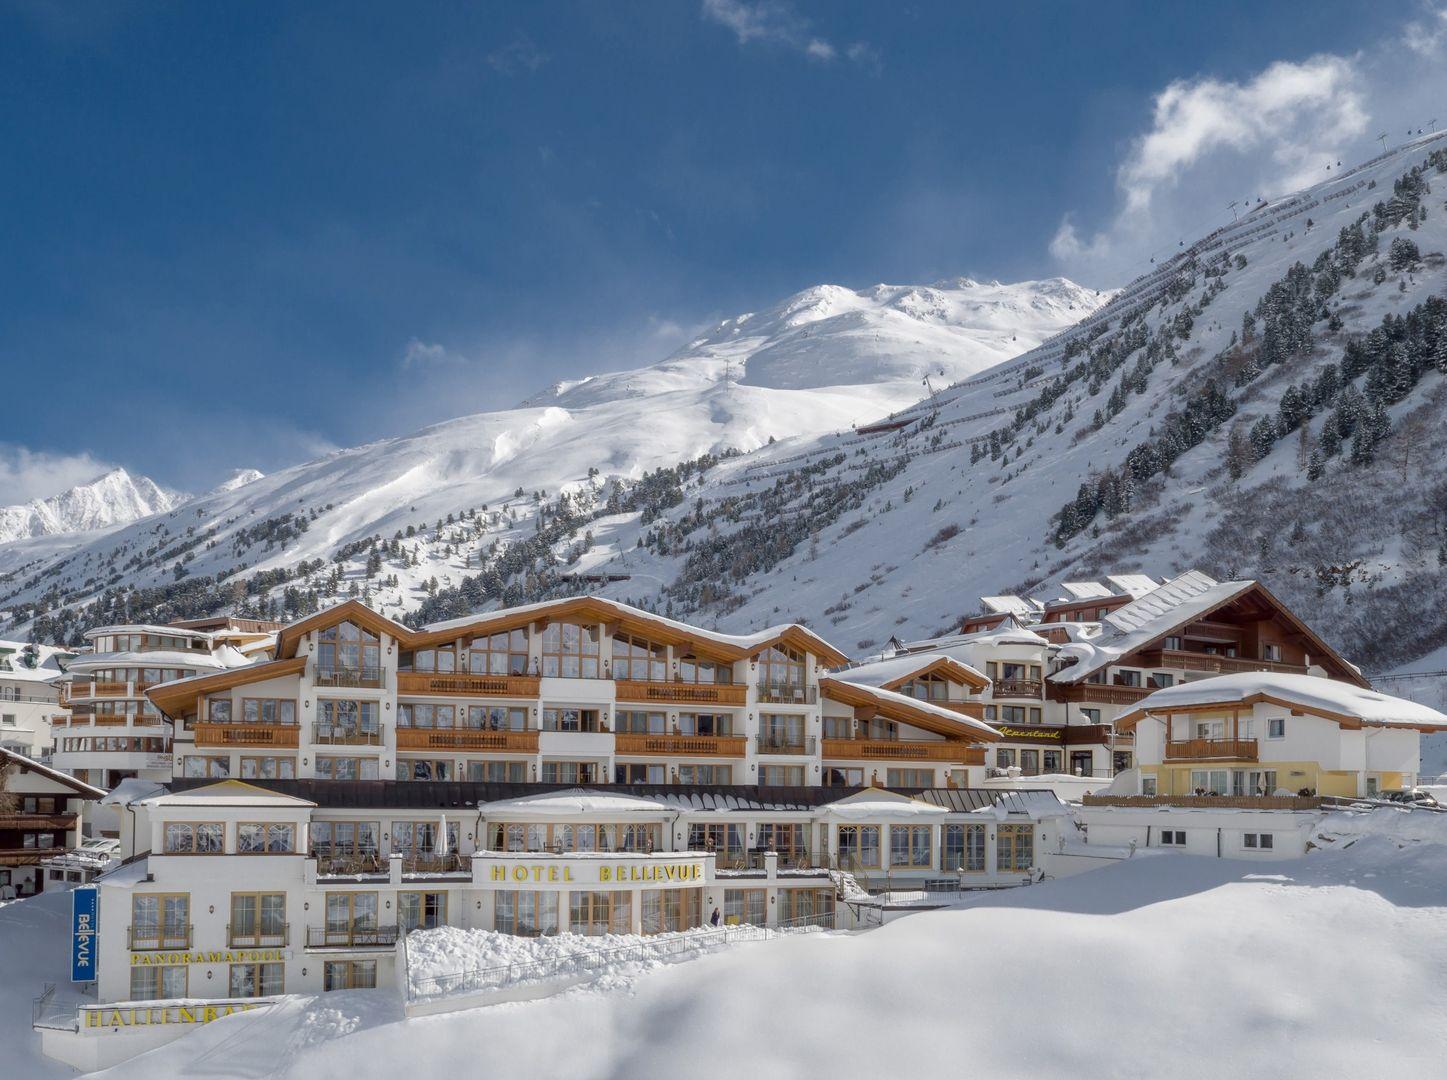 Hotel Austria & Bellevue - Slide 1